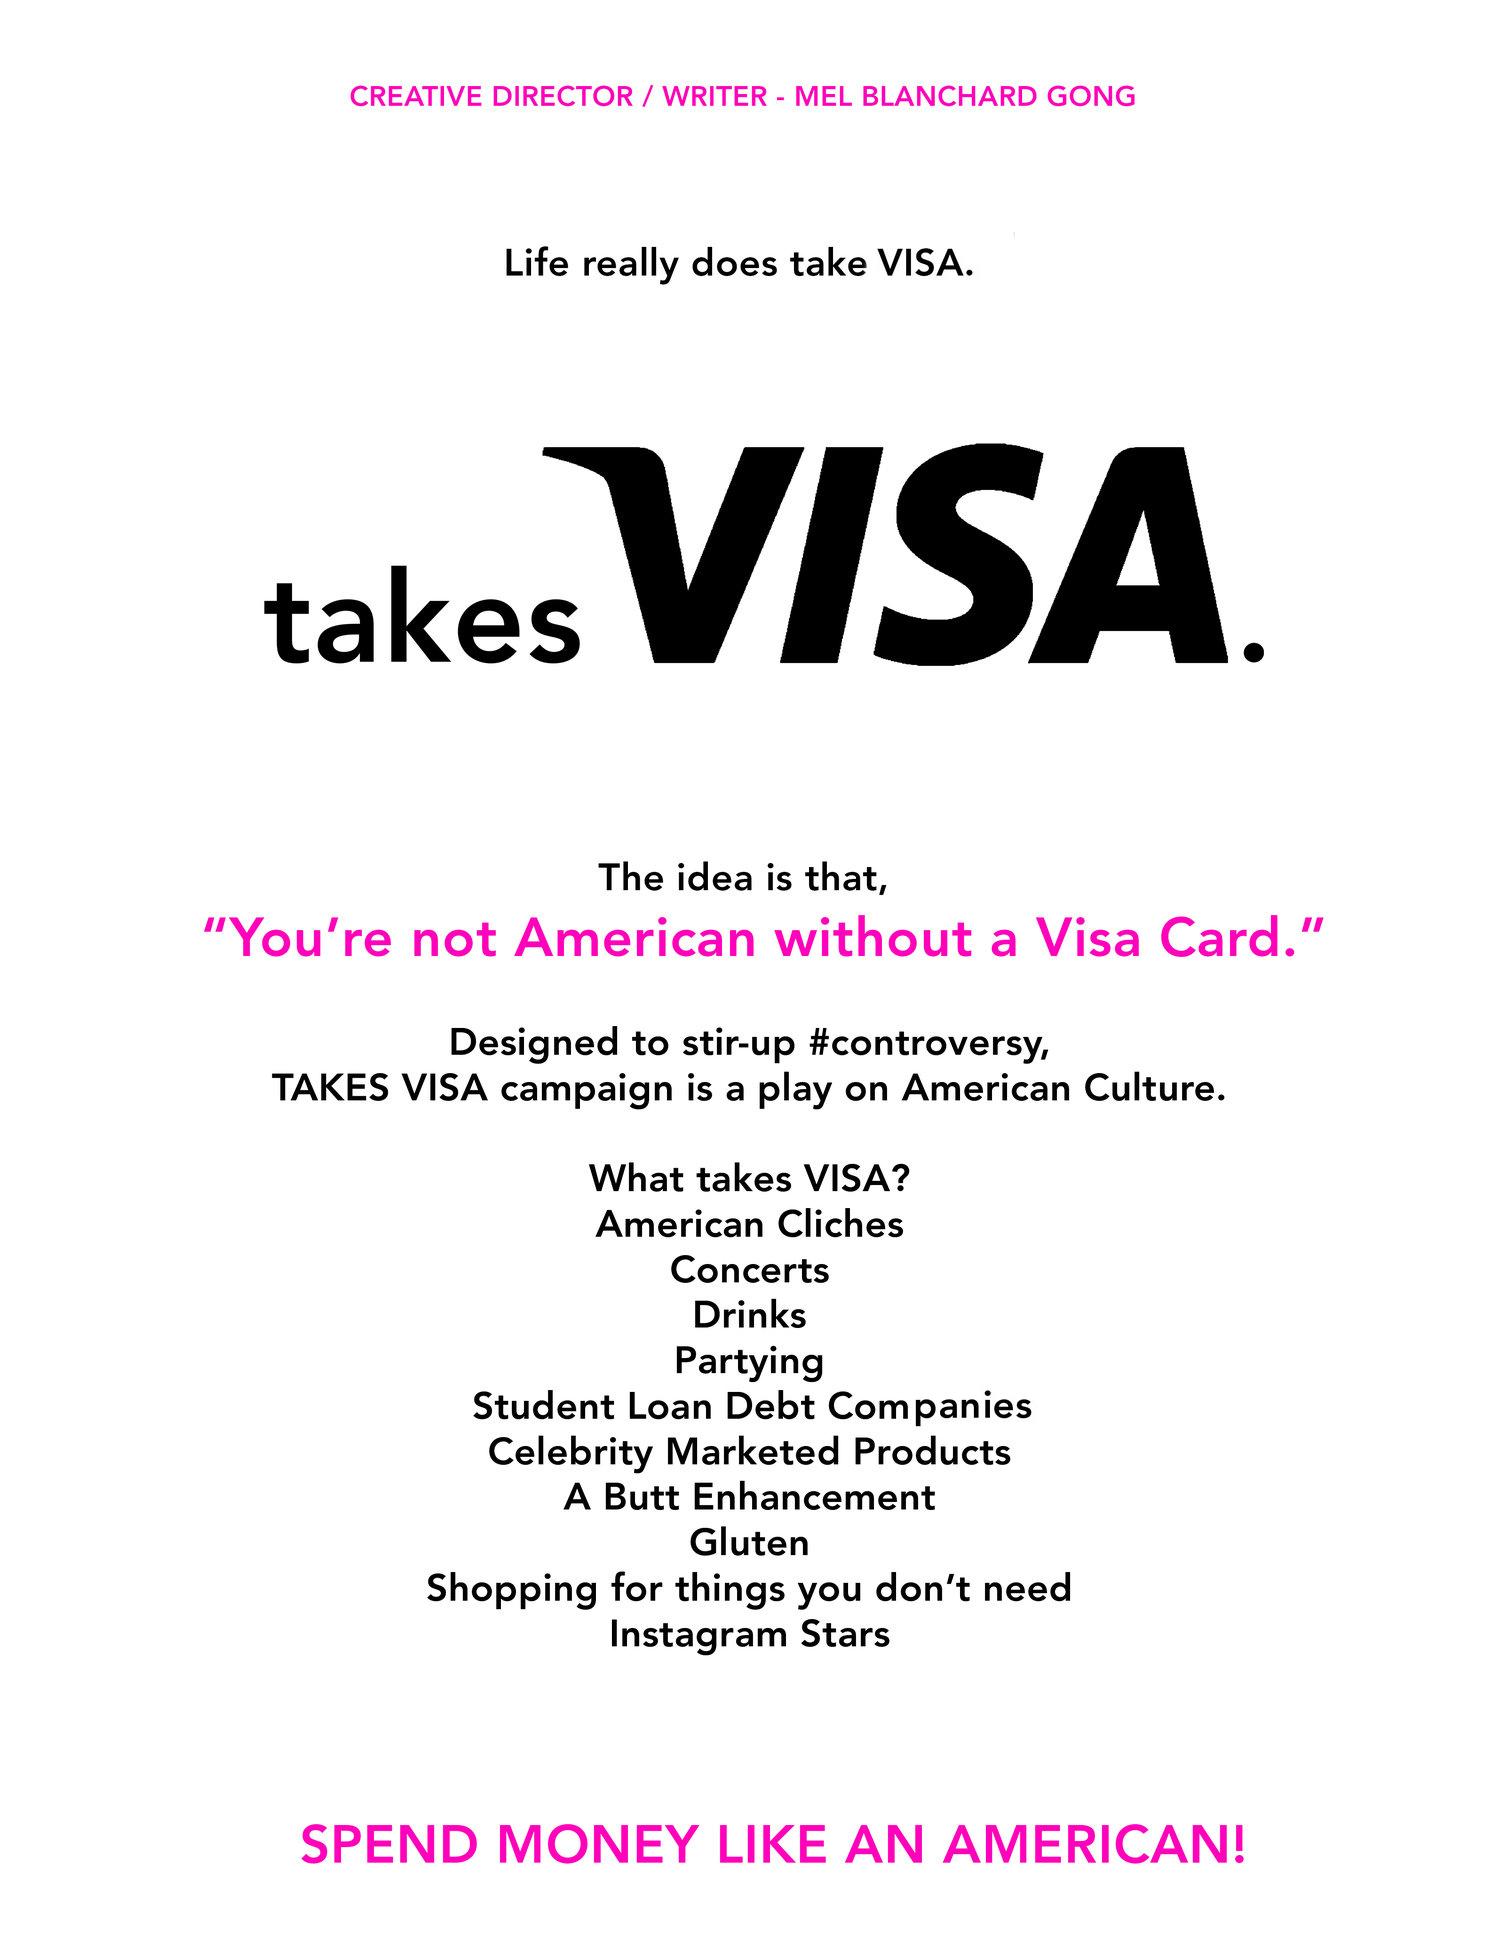 mel+blanchard+gong+ad+campaign+takes+visa+campaign+card_3.jpg